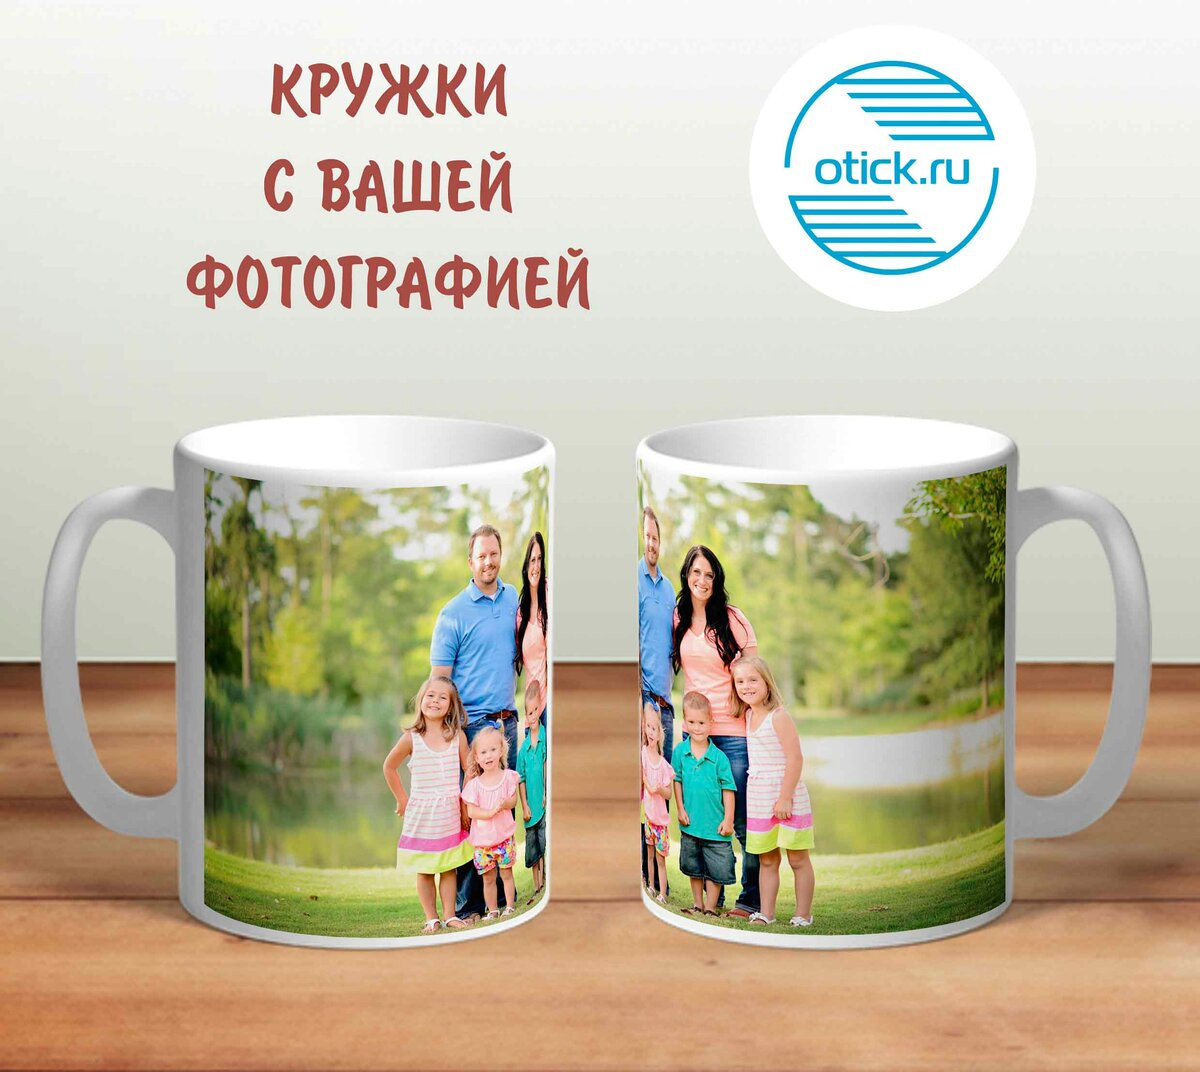 Фотографии москвы в высоком качестве чтобы запутаться